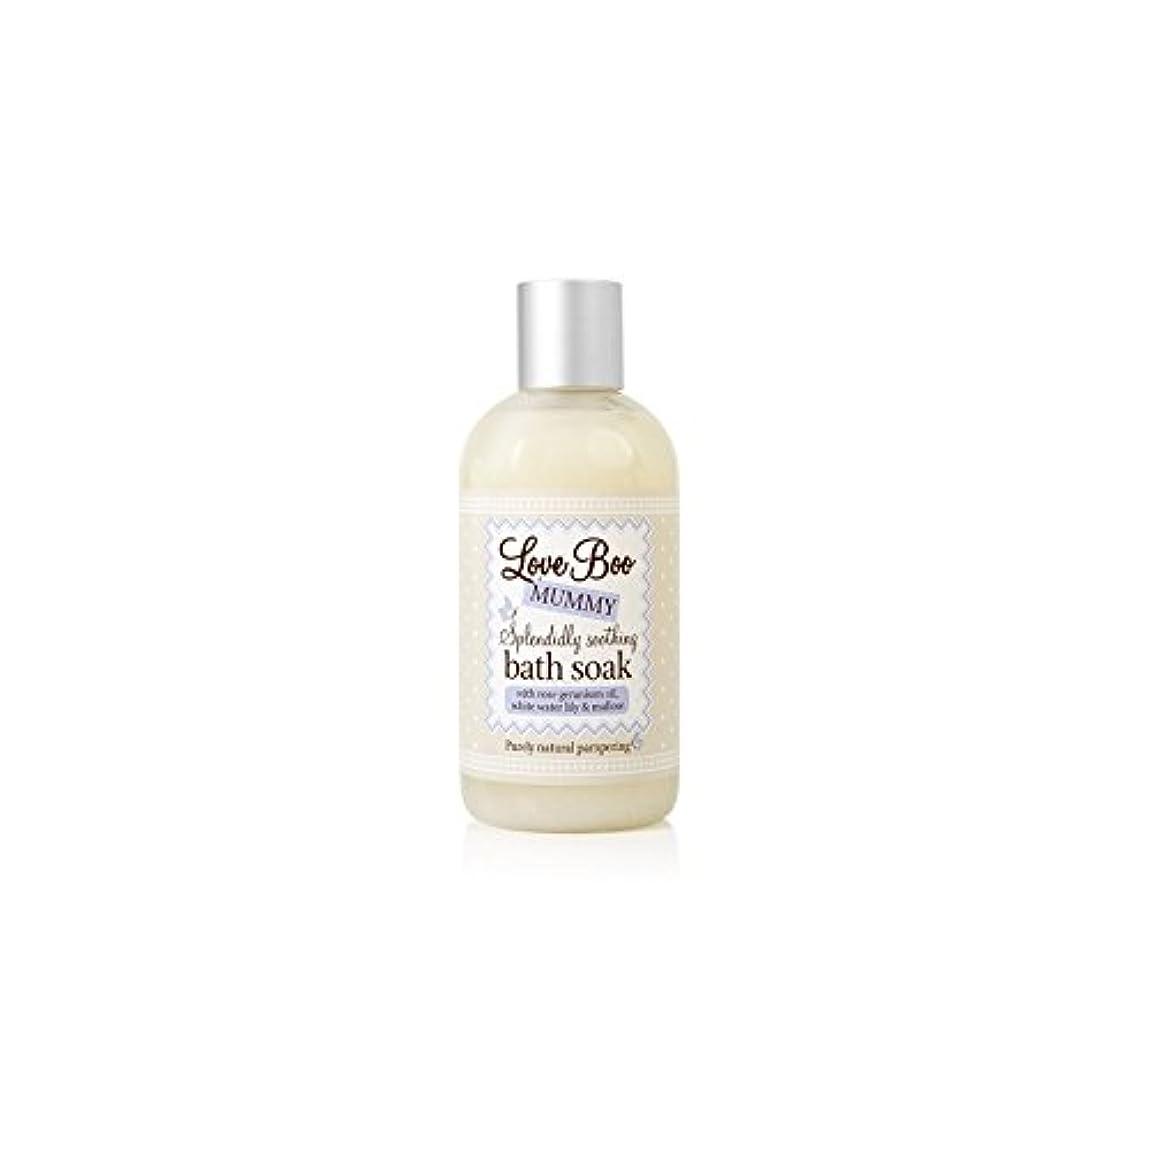 学校憲法アラブ人Love Boo Splendidly Soothing Bath Soak (250ml) (Pack of 6) - ブーイング見事なだめるようなお風呂が大好き(250ミリリットル)を浸します x6 [並行輸入品]